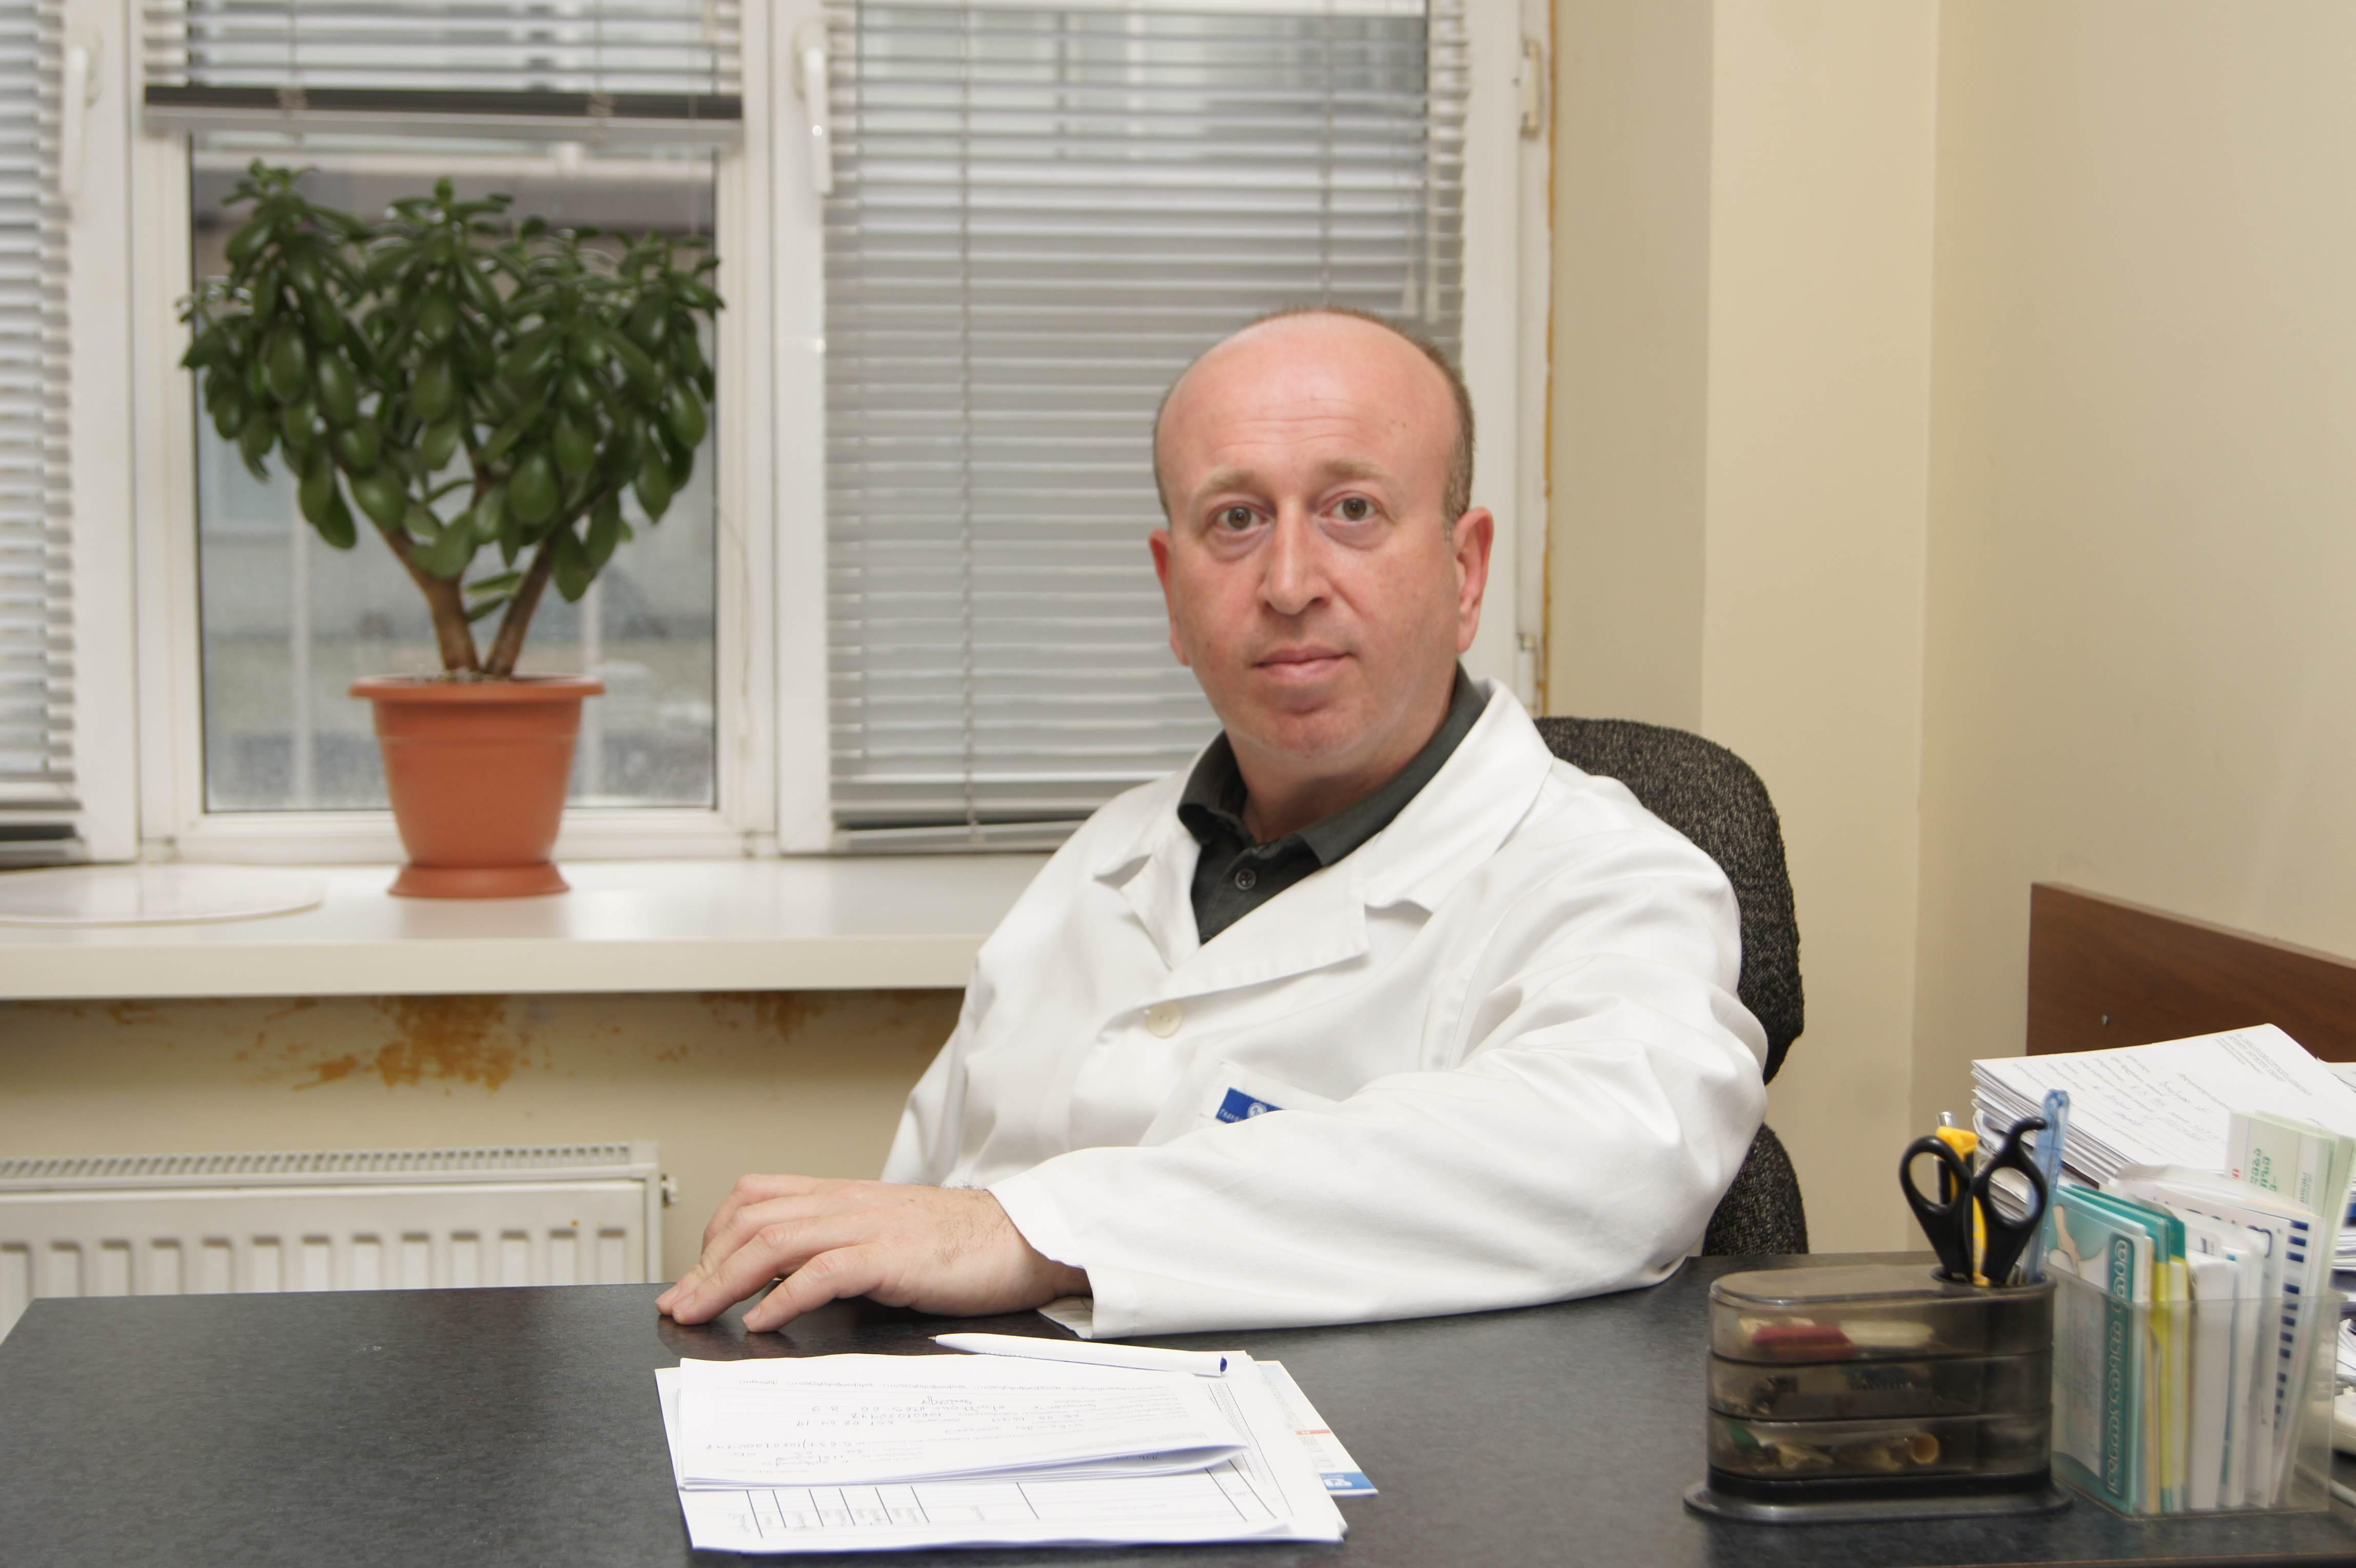 ირაკლი ჯიბლაძე დერმატო-ვენეროლოგი